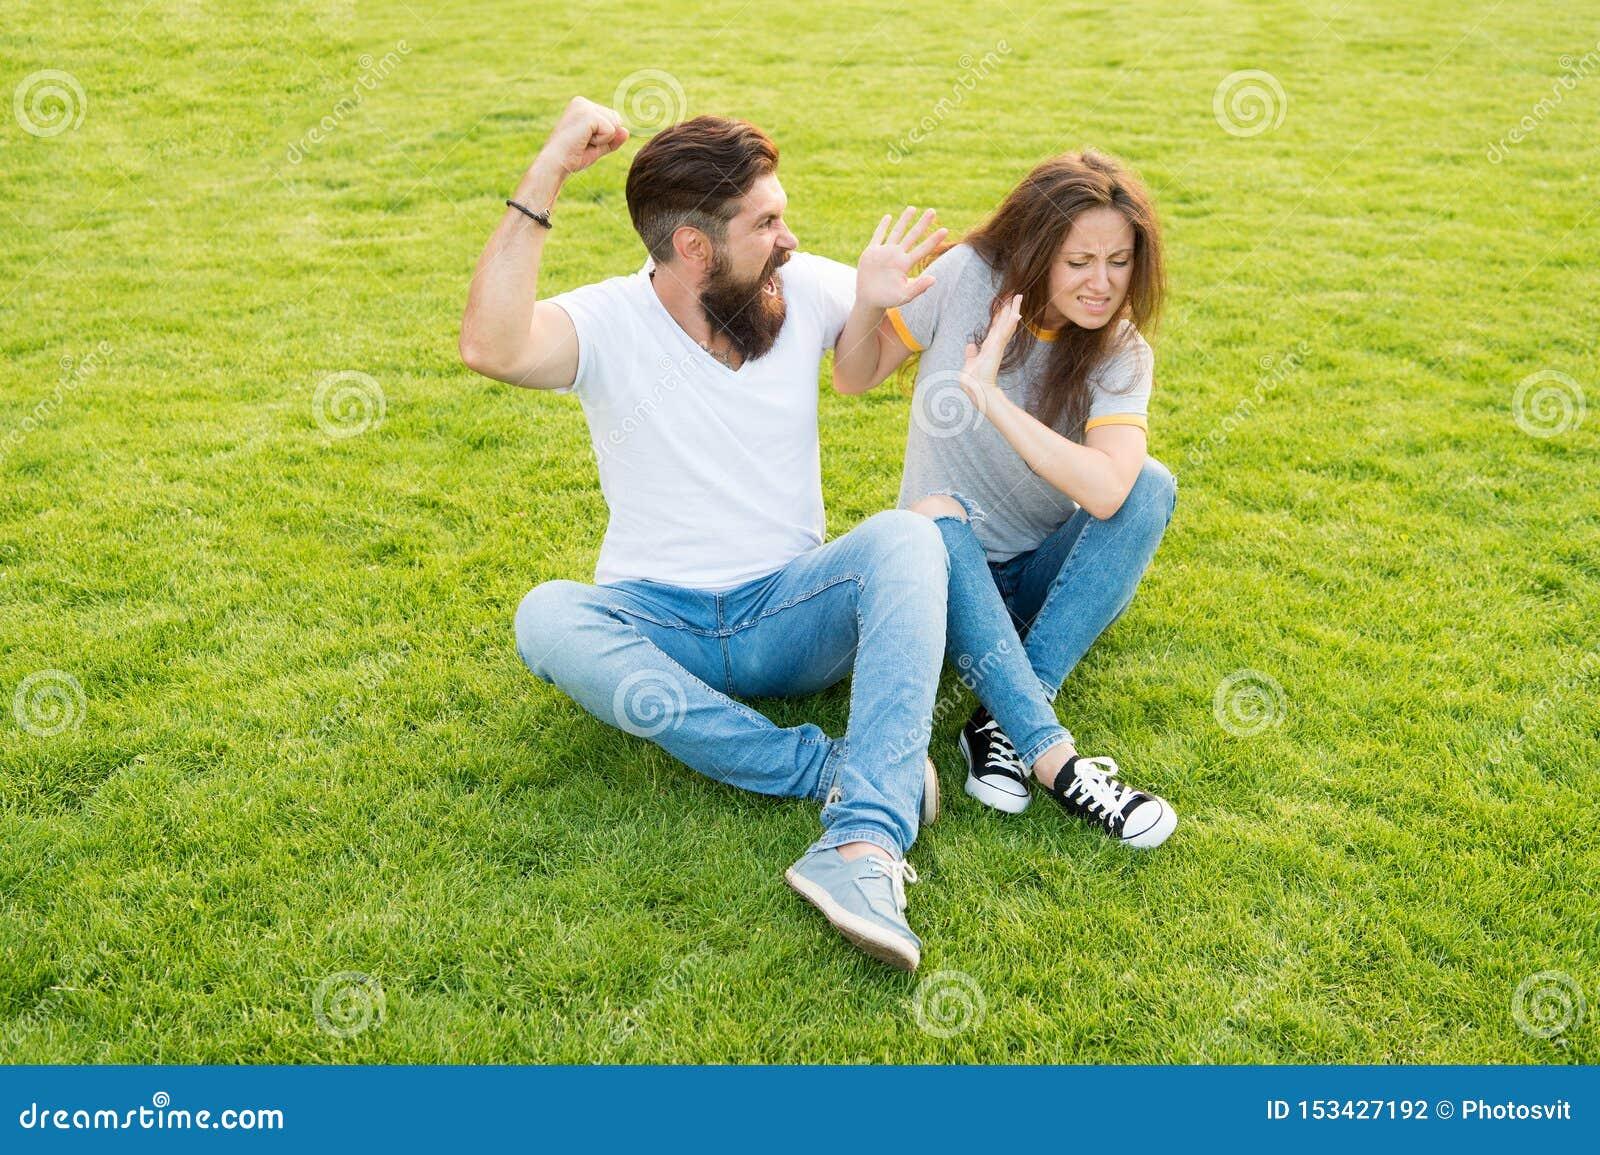 Het echtpaar krijgt niet samen met elkaar scheiding vrouw bang van haar agressieve vriend gebaarde mensenafstraffing